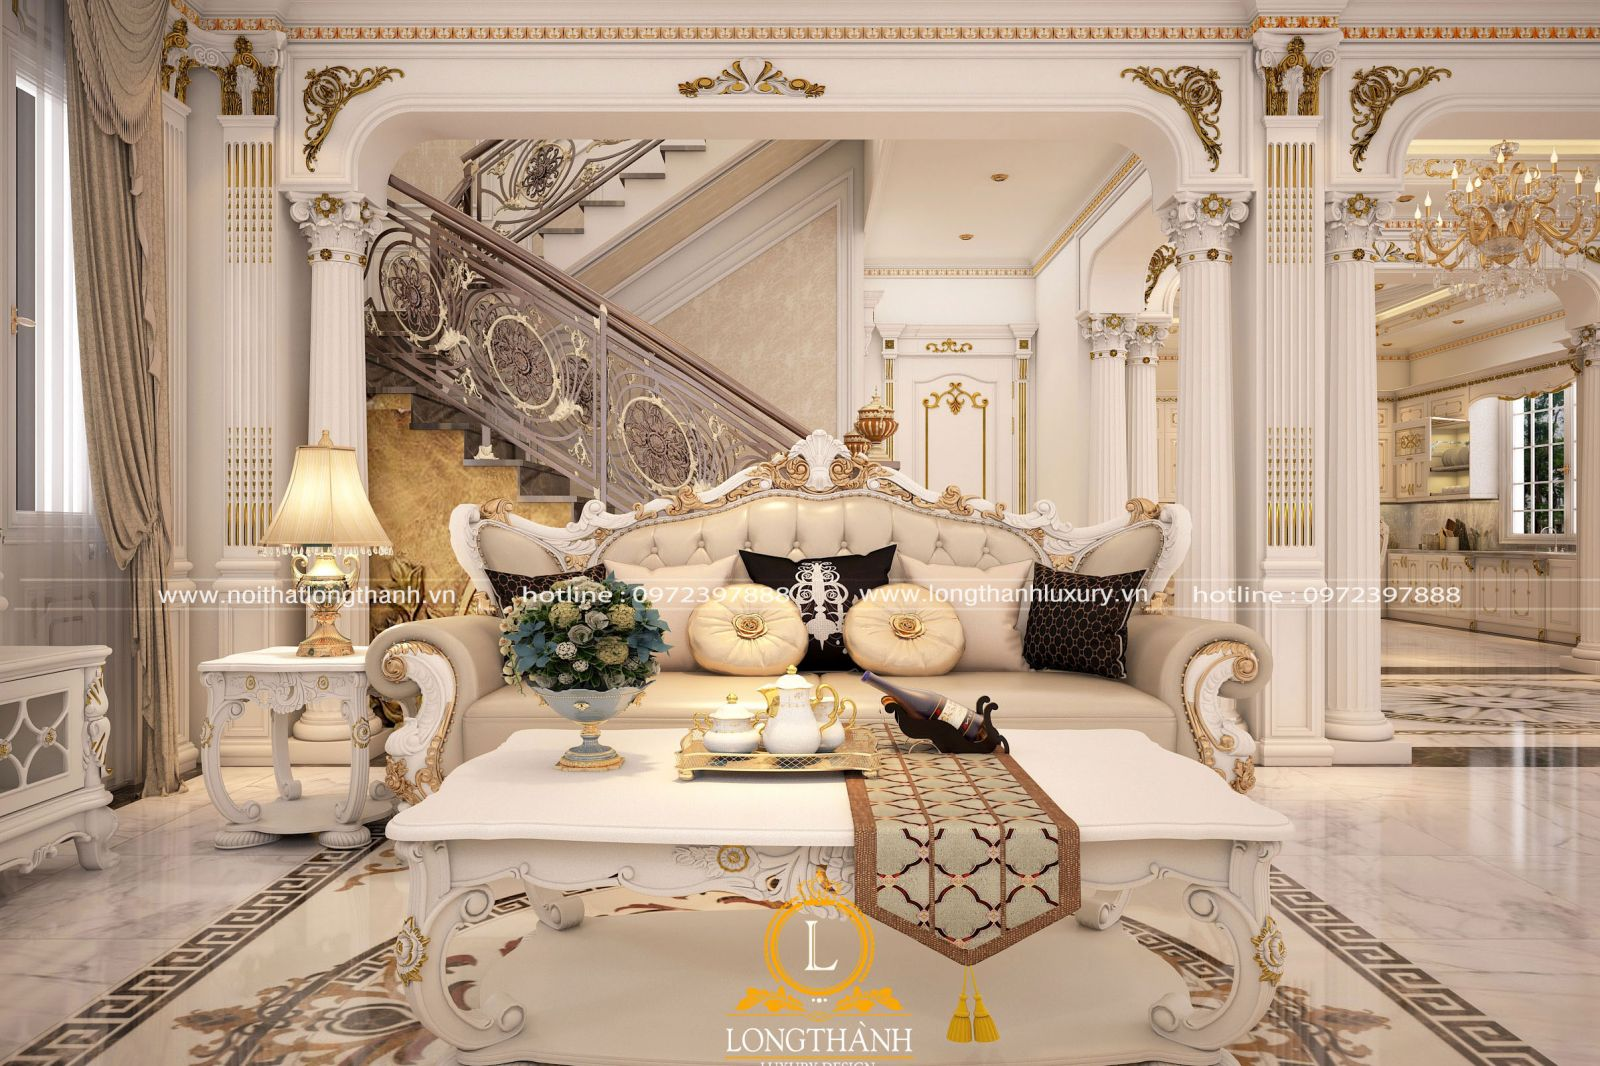 Tăng sự đẳng cấp bằng mạ vàng trong nội thất tân cổ điển